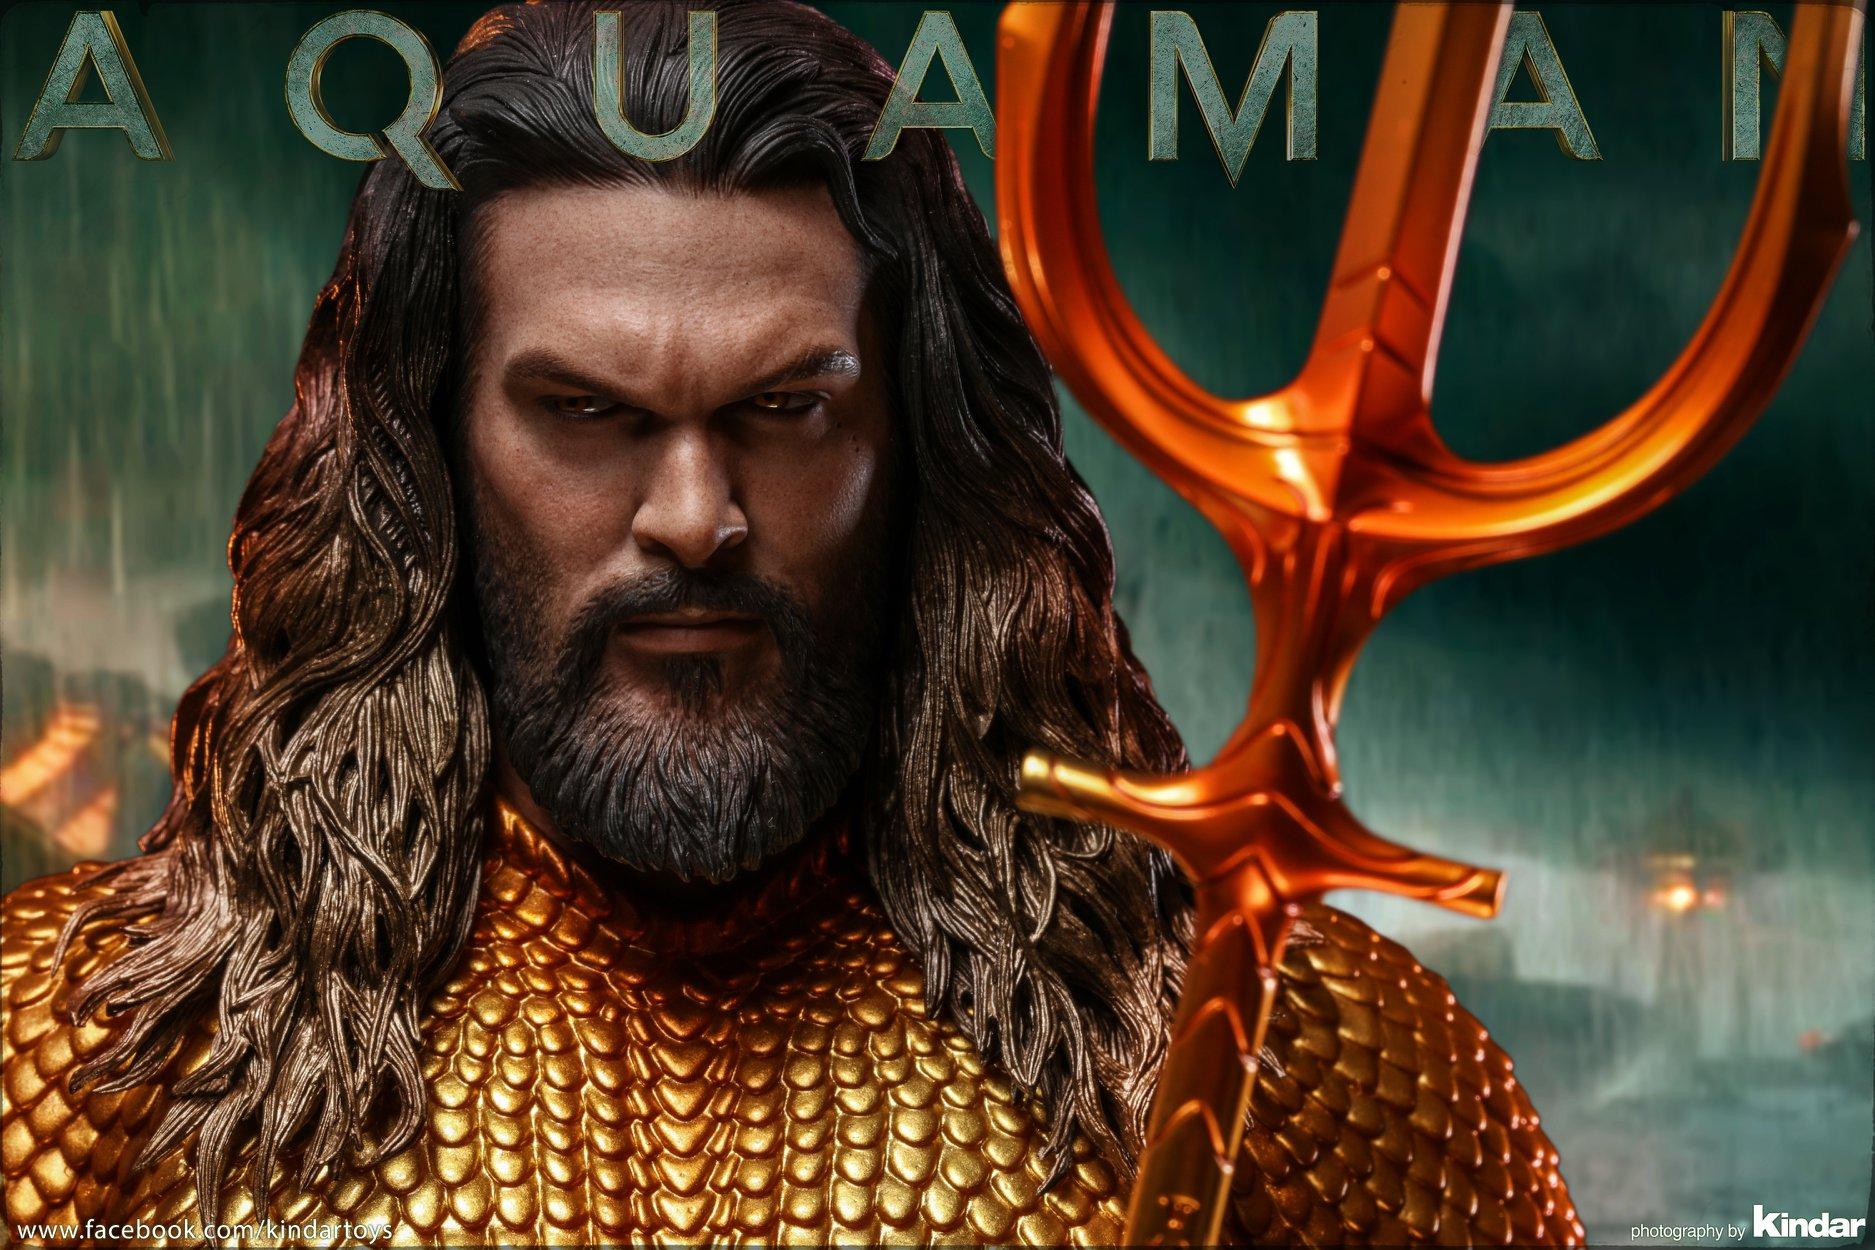 Aquaman jak żywy. Świetna figurka firmy Hot Toys